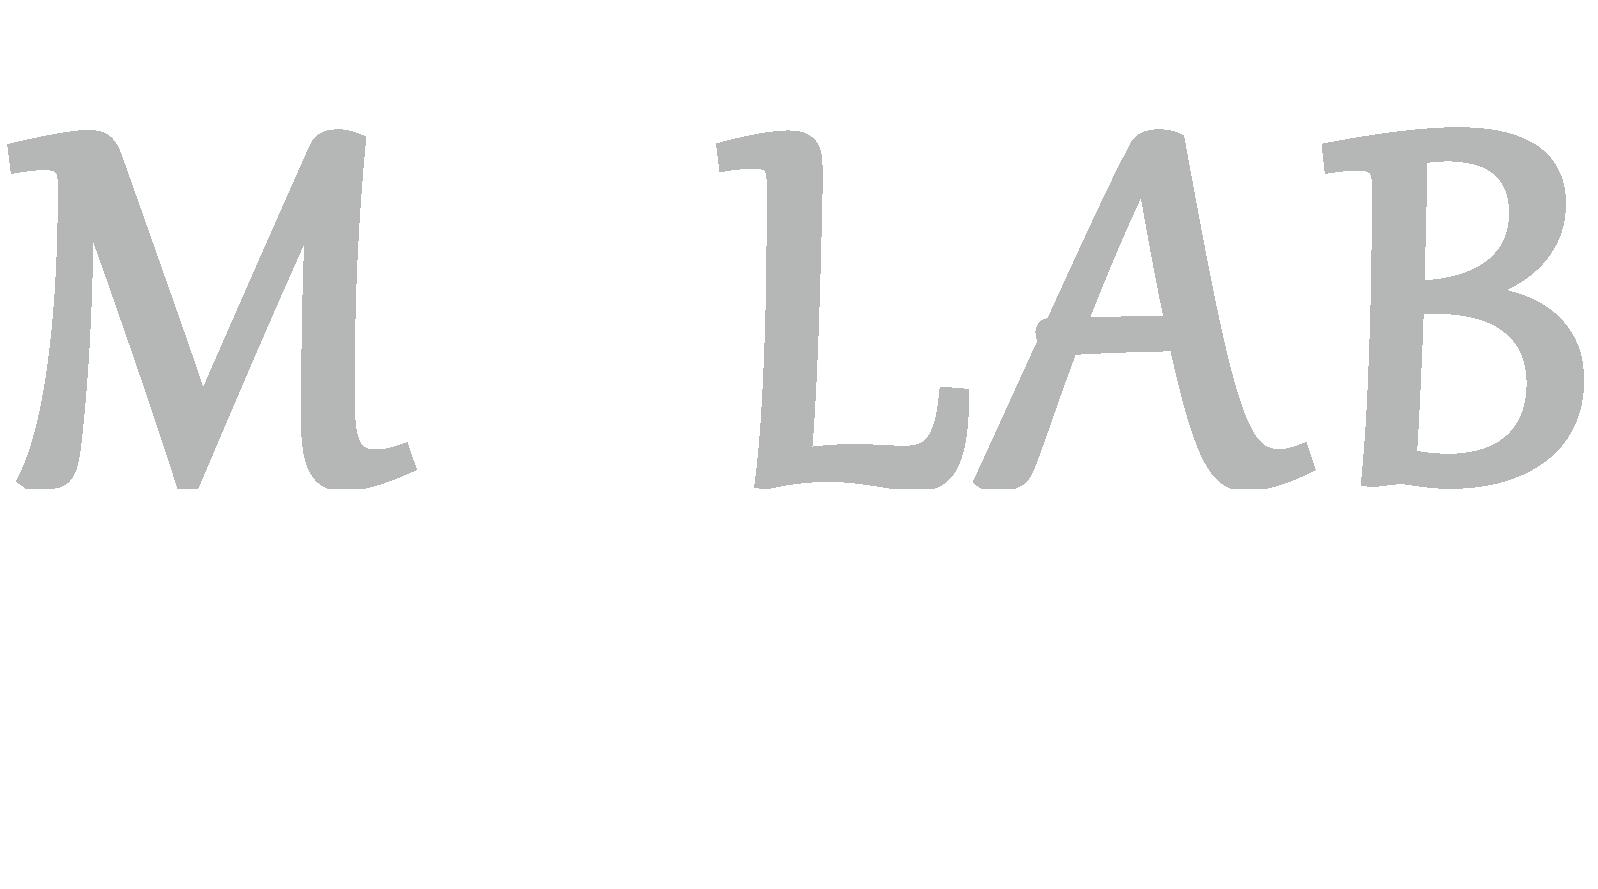 欢迎来到马聪实验室 Logo